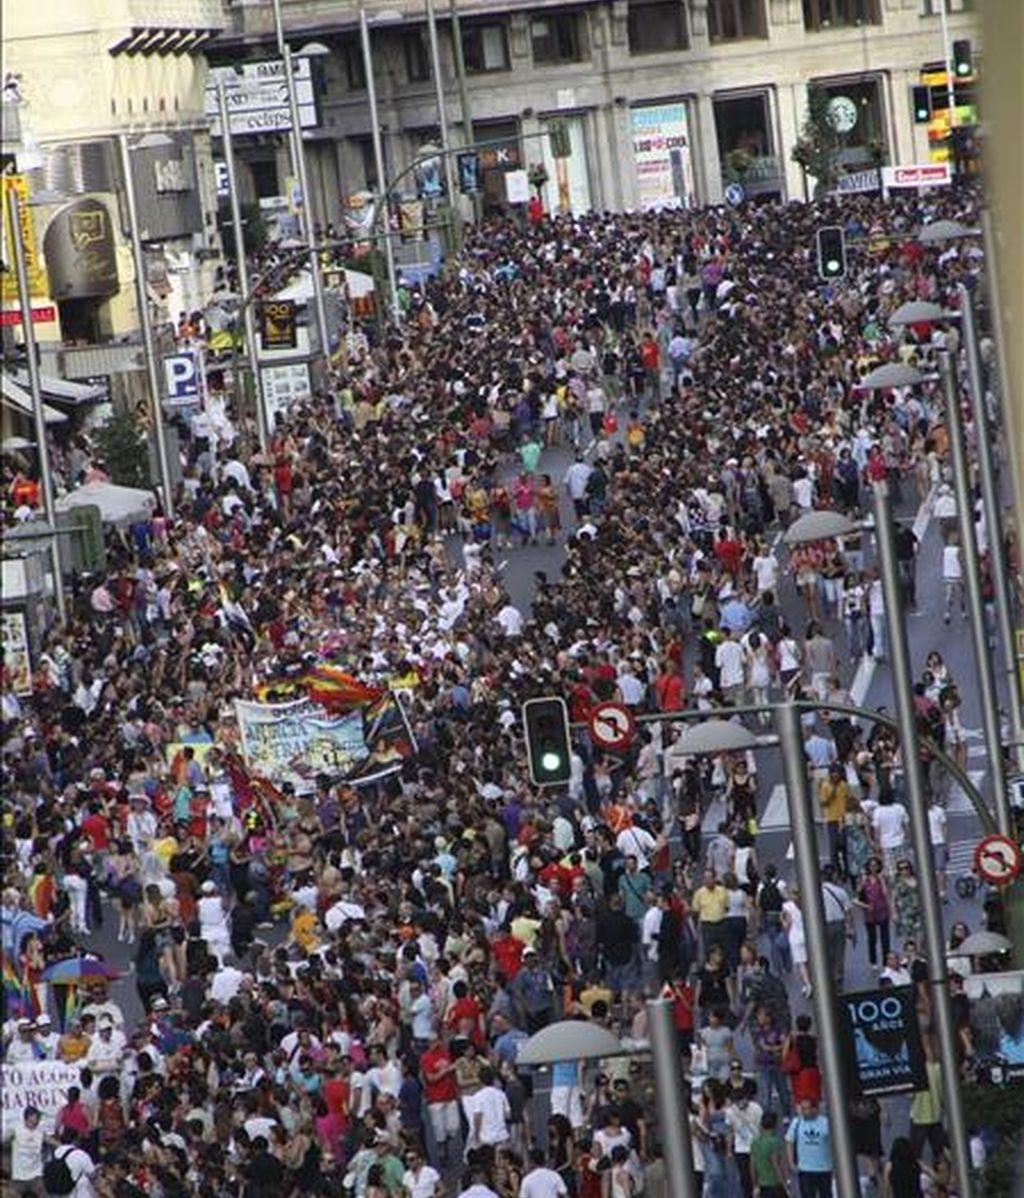 Vista general de la Gran Vía madrileña durante el desfile del Orgullo Gay, organizado por la Federación Estatal de Lesbianas, Gays, Transexuales y Bisexuales (FELGTB) y el colectivo de Madrid COGAM, y a la que han asistido 51.500 personas según el cómputo efectuado por la empresa Lynce para la Agencia Efe. EFE